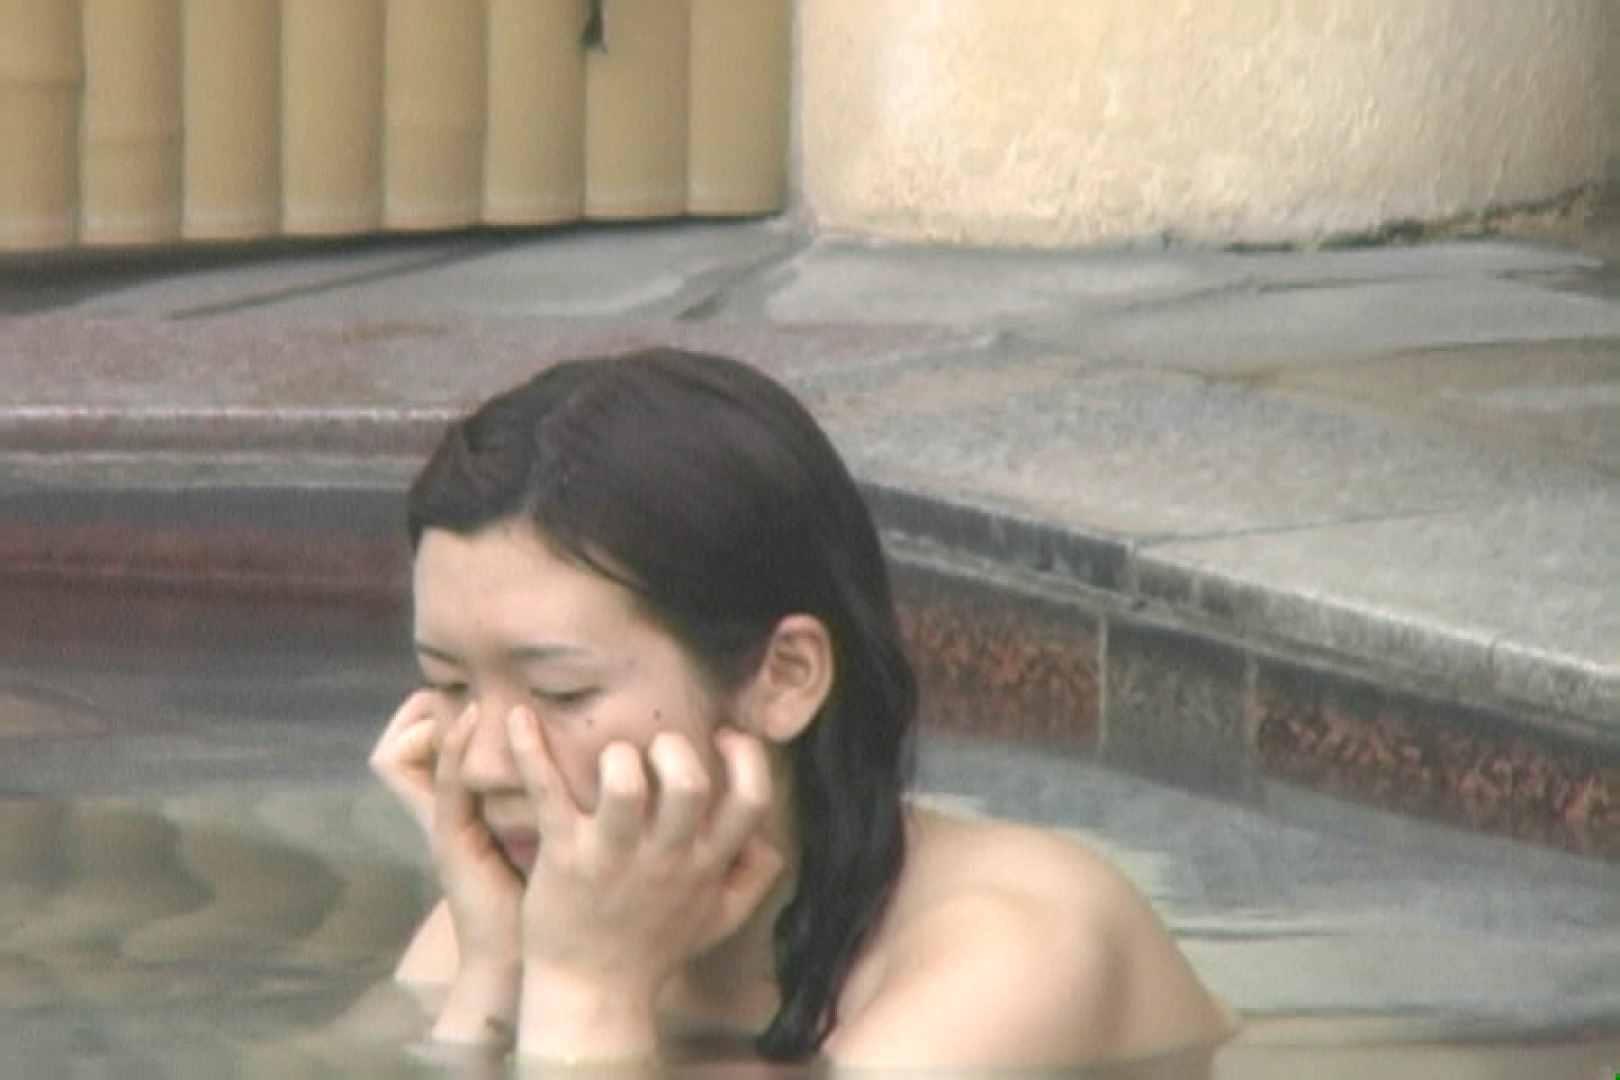 高画質露天女風呂観察 vol.010 乙女 AV無料動画キャプチャ 99pic 25